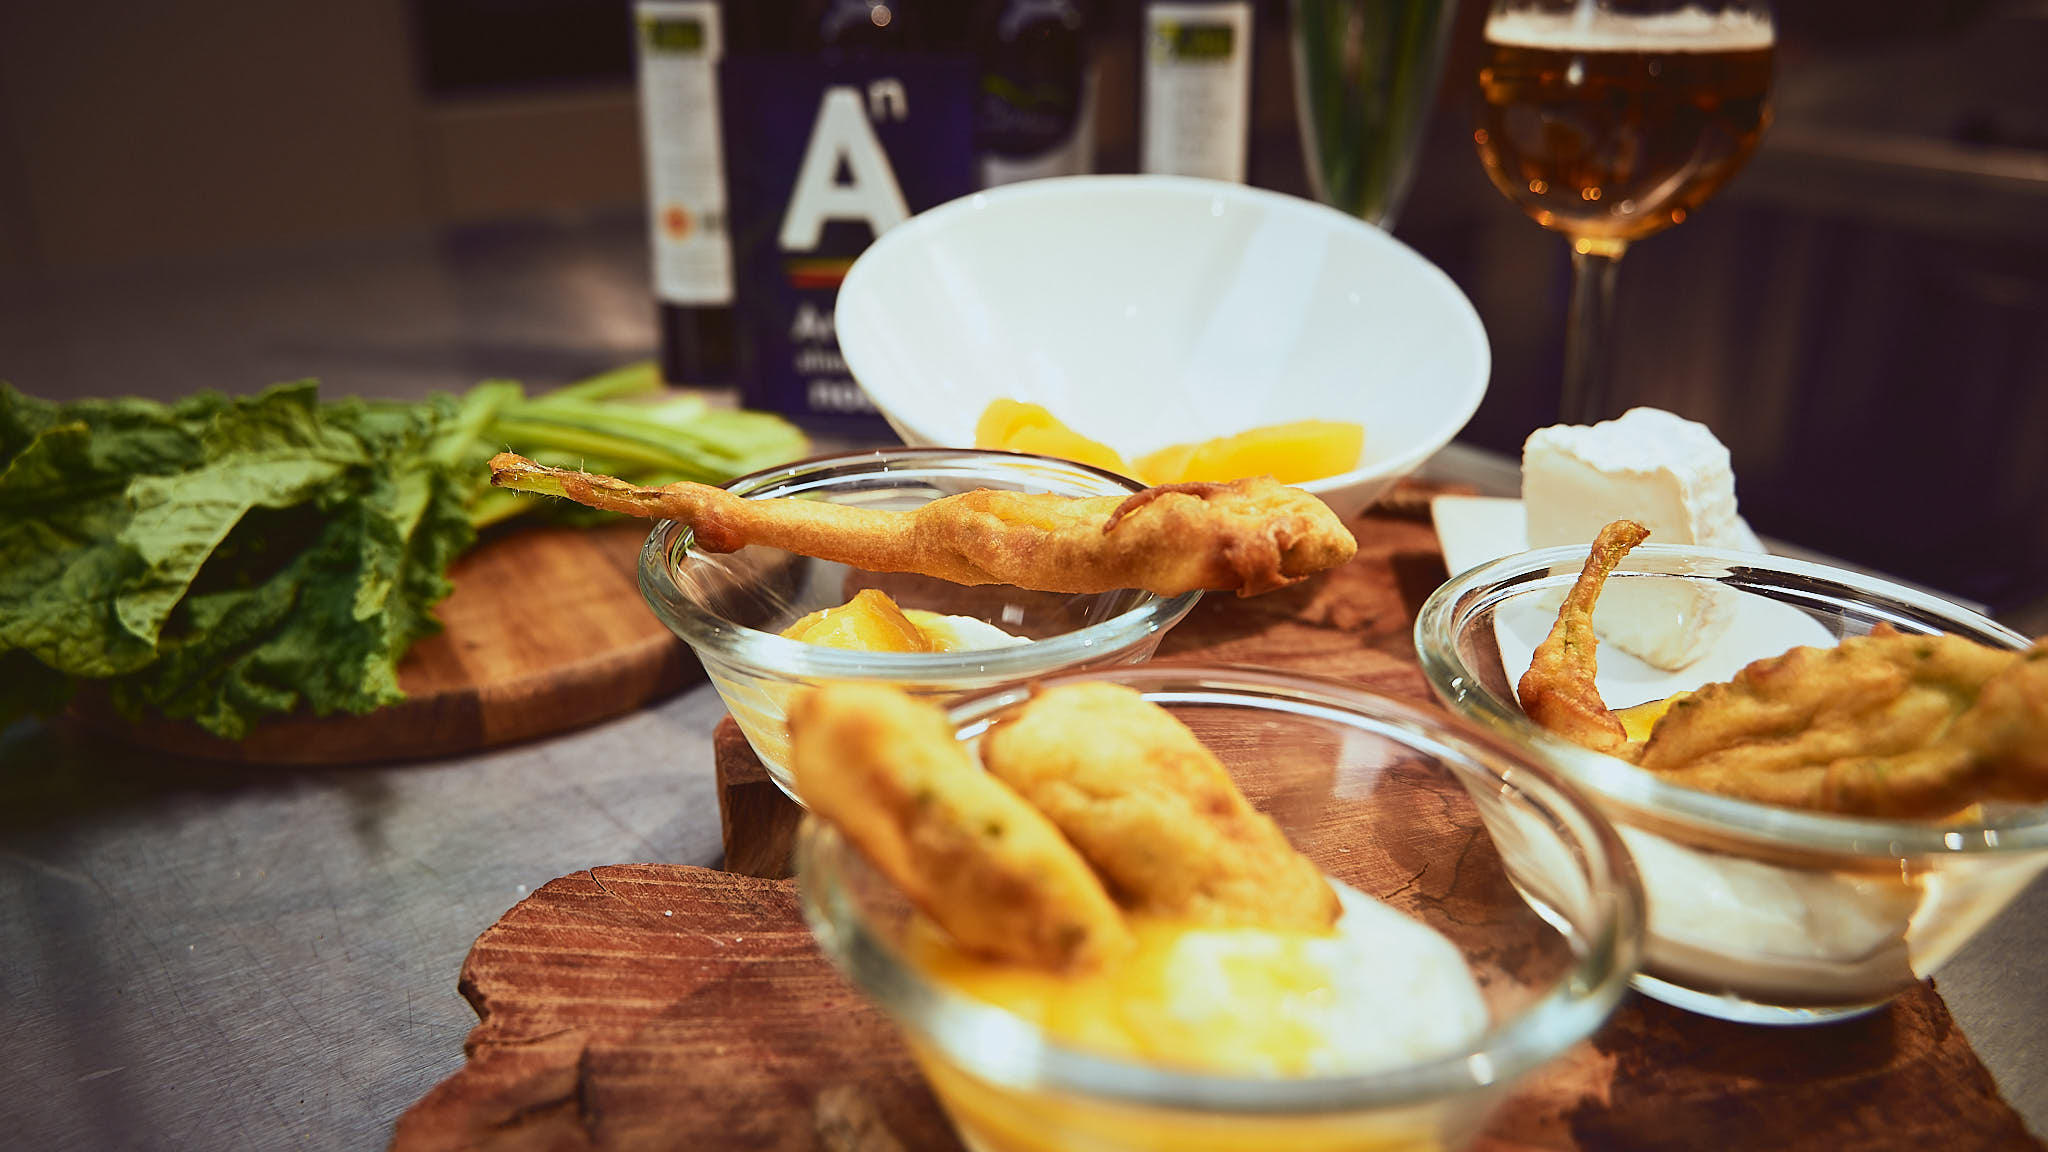 Crespillos de borraja con helado de melocotón de calanda dop y crema de queso de artesanía de Aragón